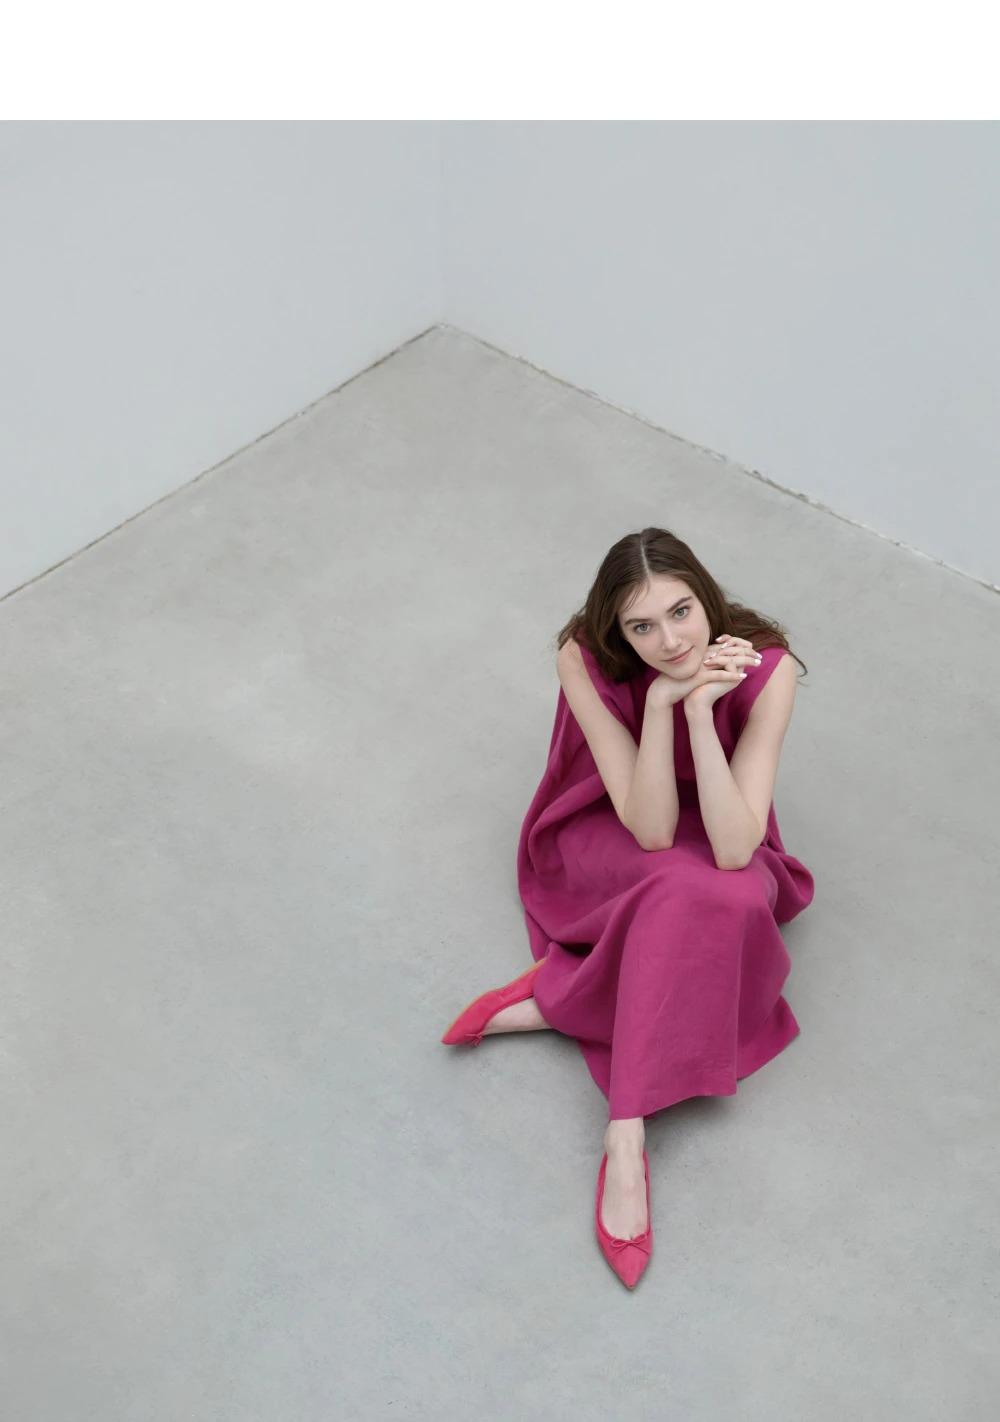 ピンク色のワンピと靴で座っている女性